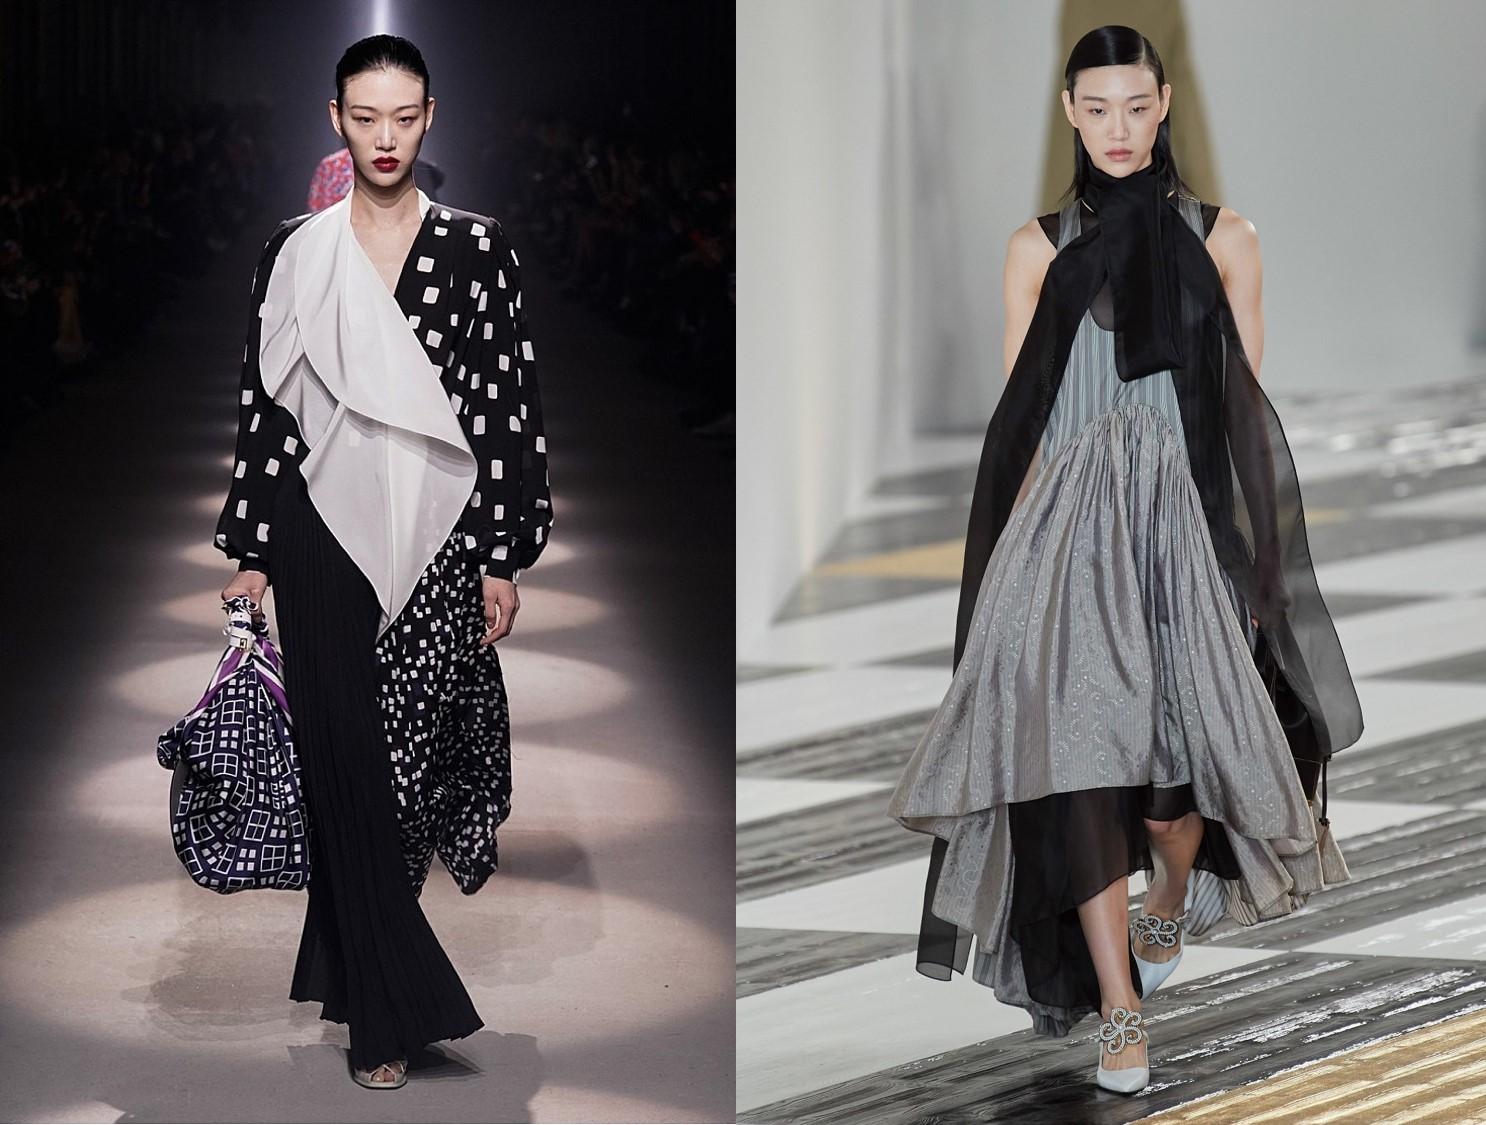 세계적인 톱모델 최소라 35개 컬렉션에서 눈부신 활약